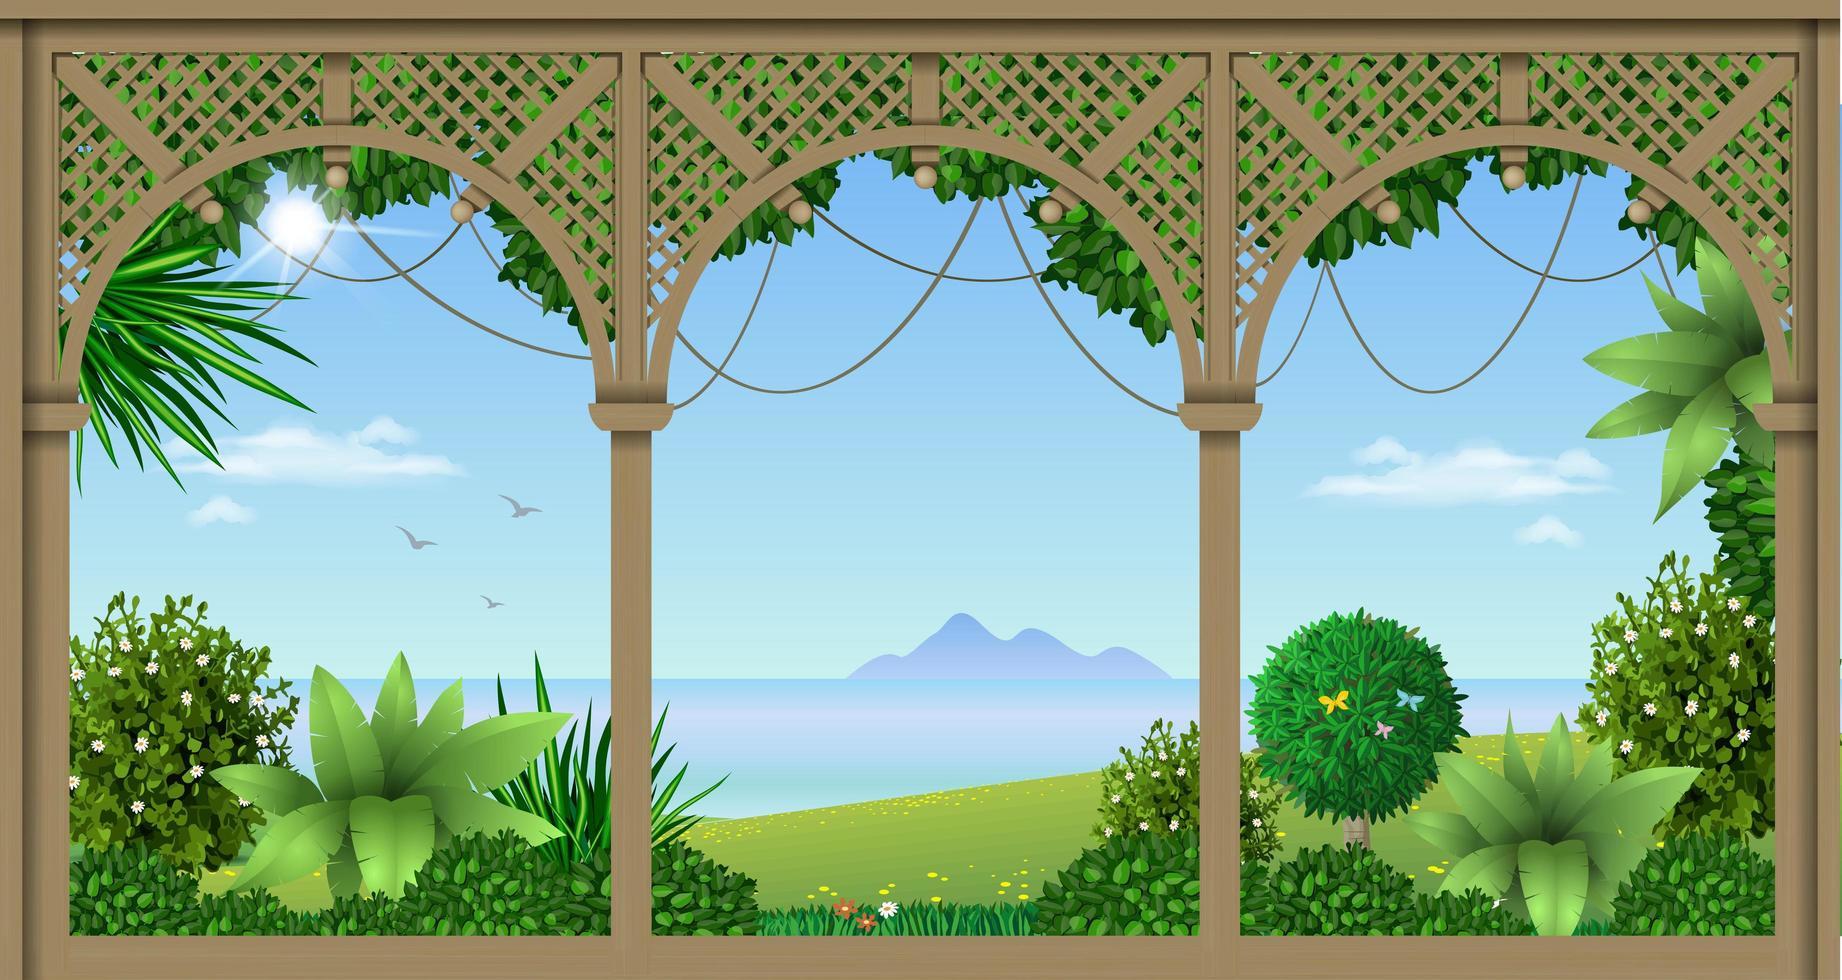 houten veranda van een tropisch hotel of huis vector